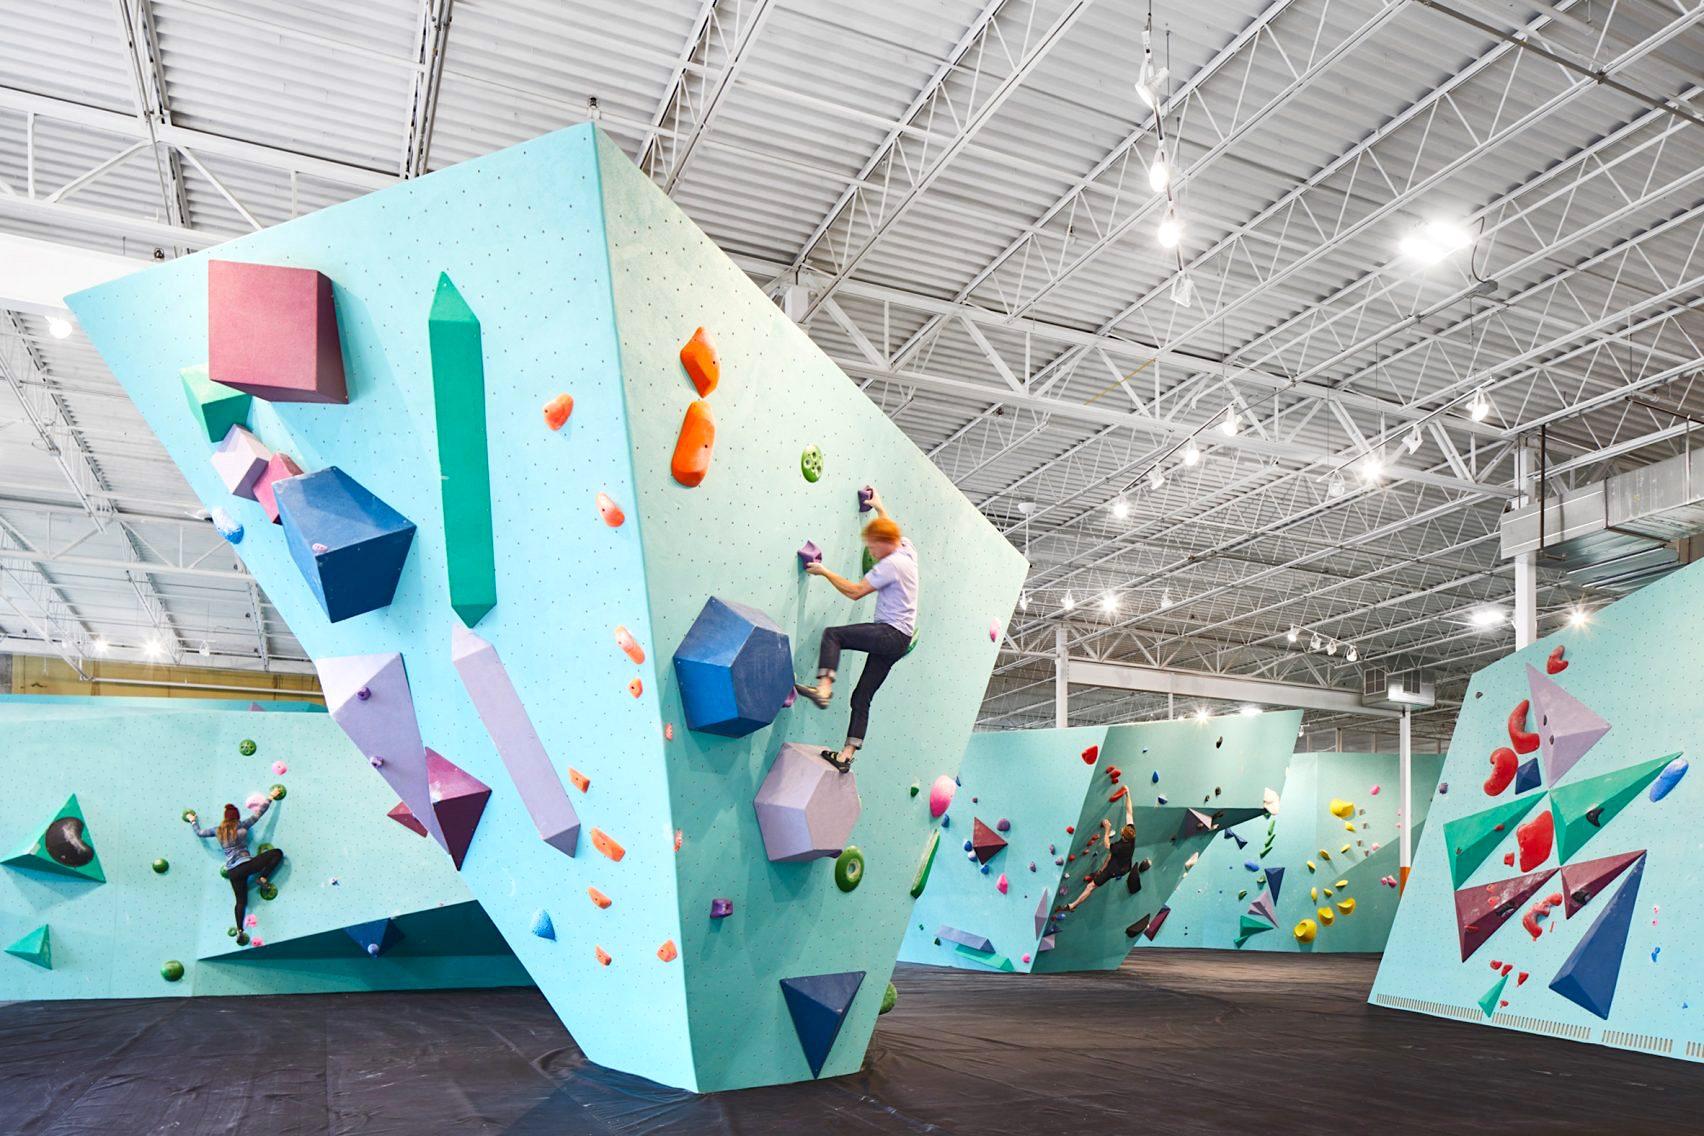 統一された壁面が美しいボルダリングジムのカラーブランディング